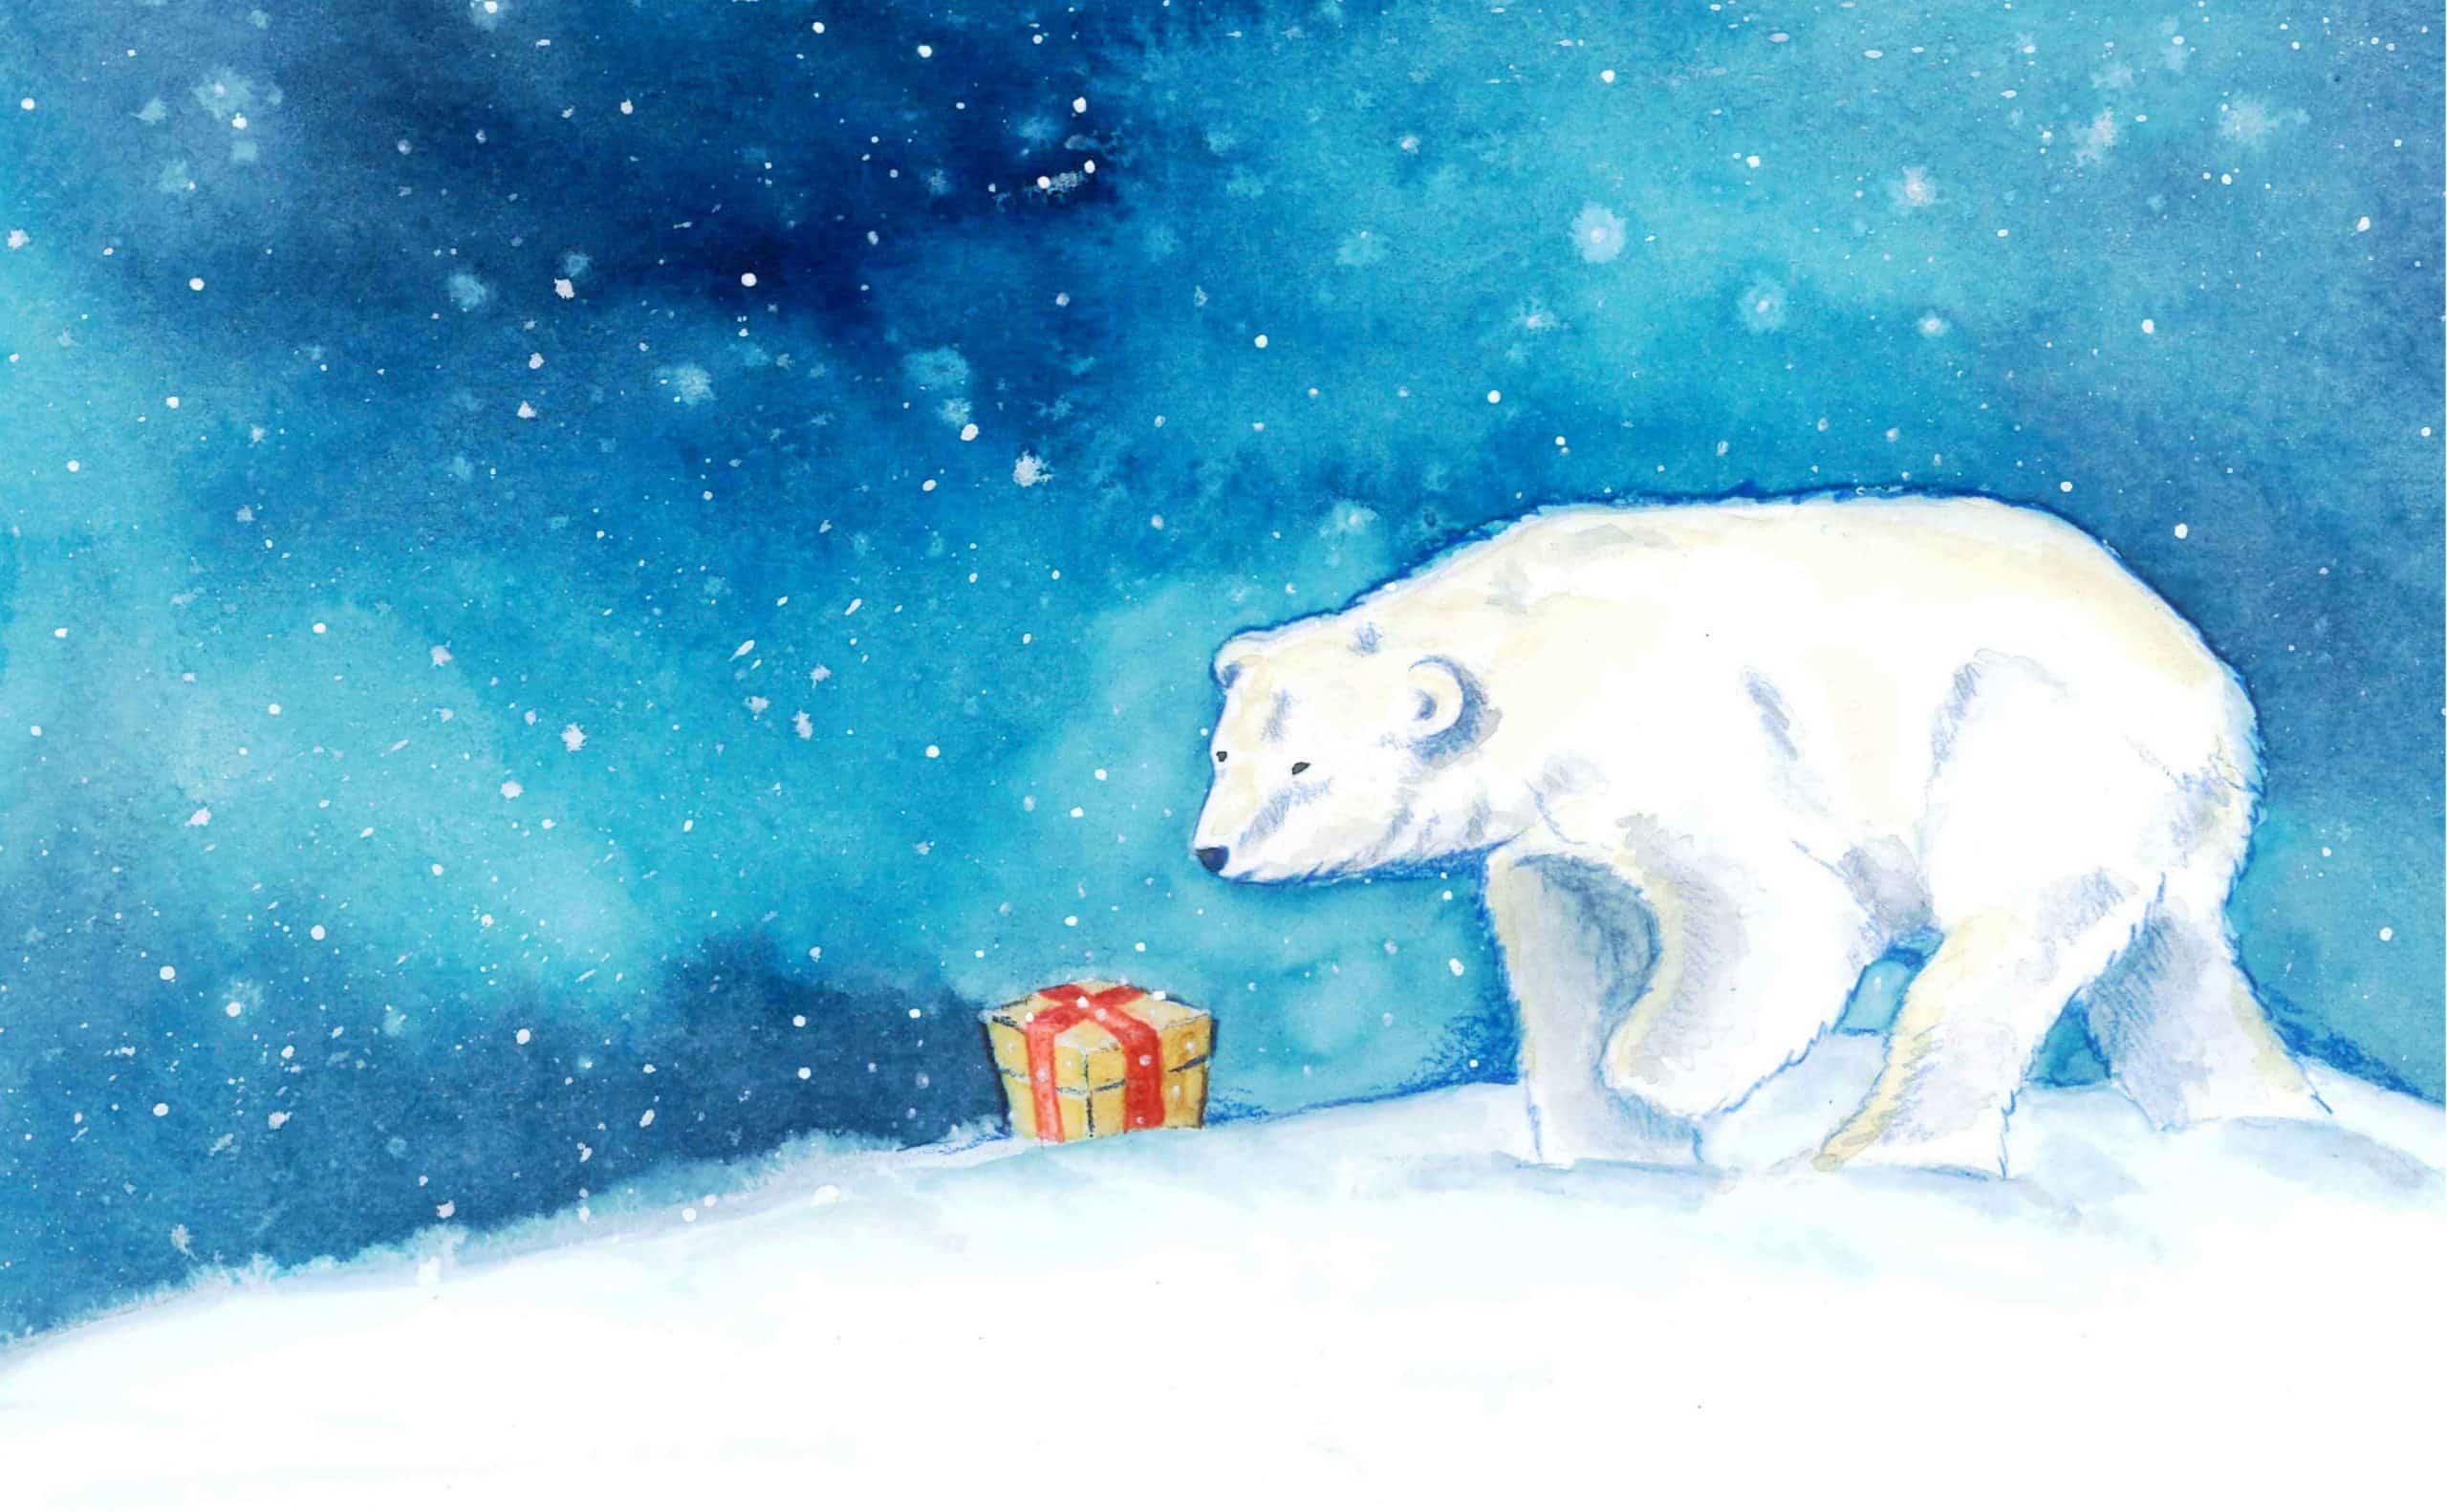 Weihnachtsgedichte Für Kinder • Weihnachtsgedichte • Briefeguru für Kleine Weihnachtsgedichte Für Kinder